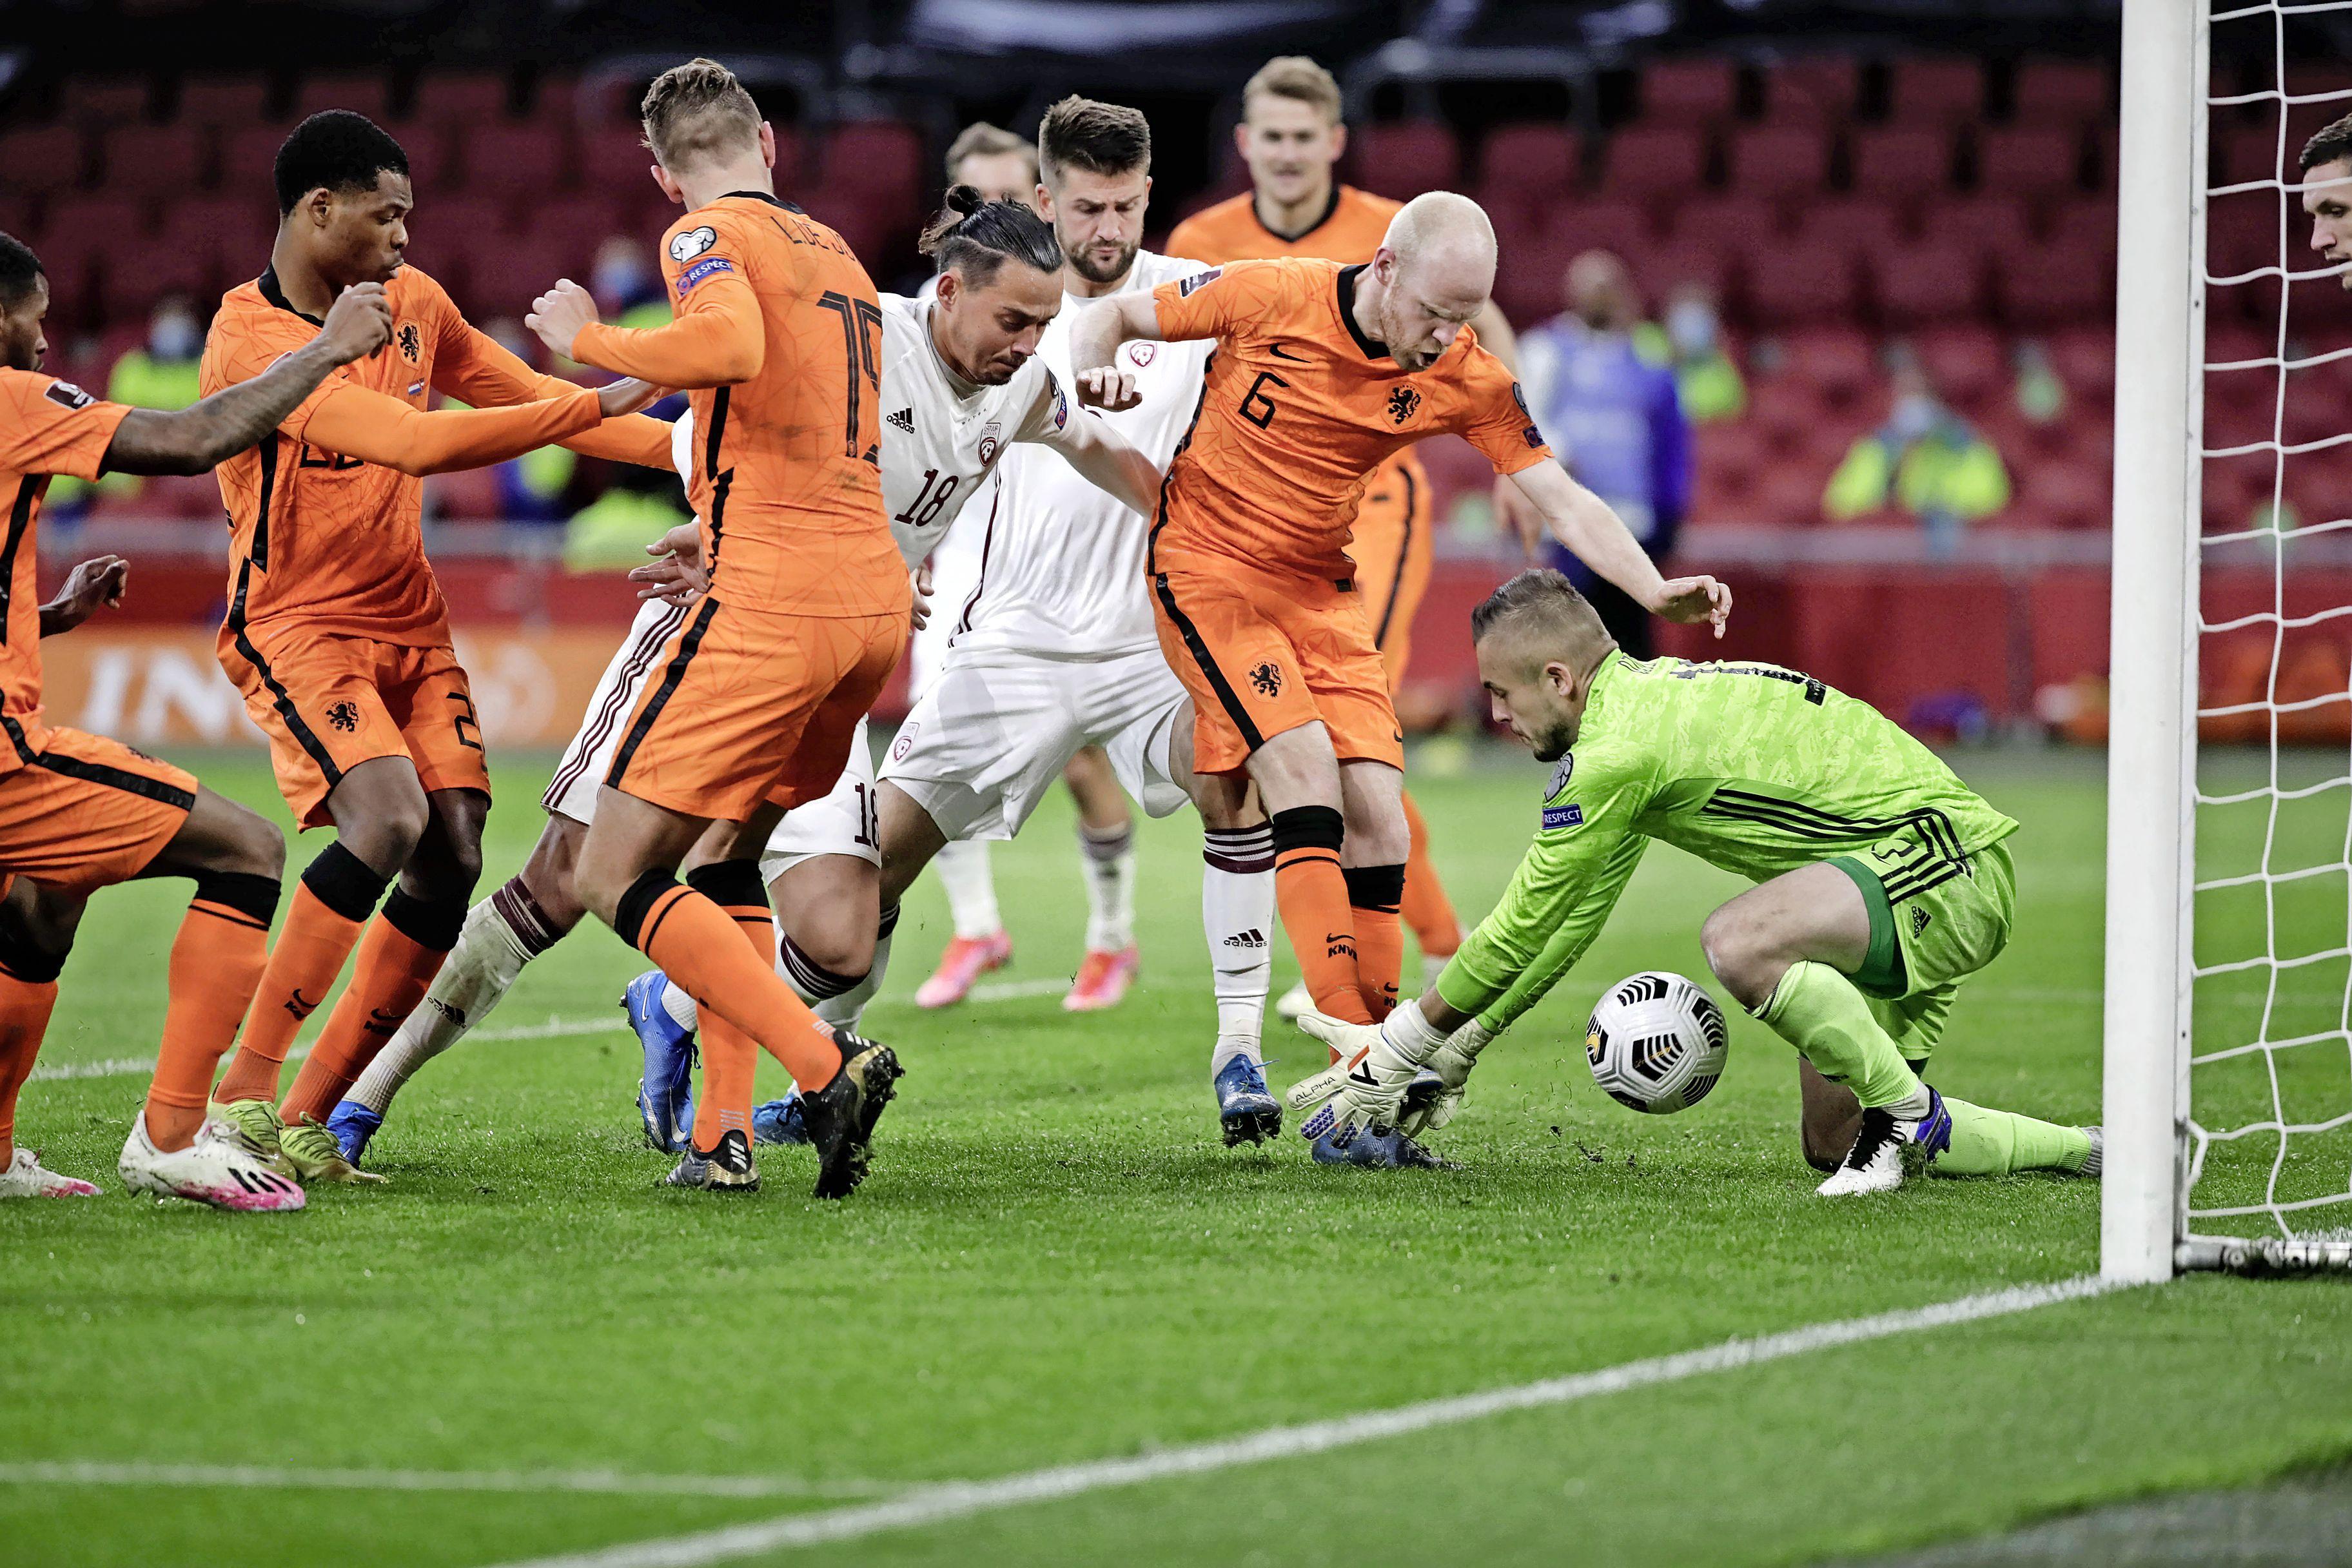 Fans van Oranje hebben een 'fantastische avond' en dat snapt bondscoach Frank de Boer wel: 'Veel momenten voor oeh's en ah's'